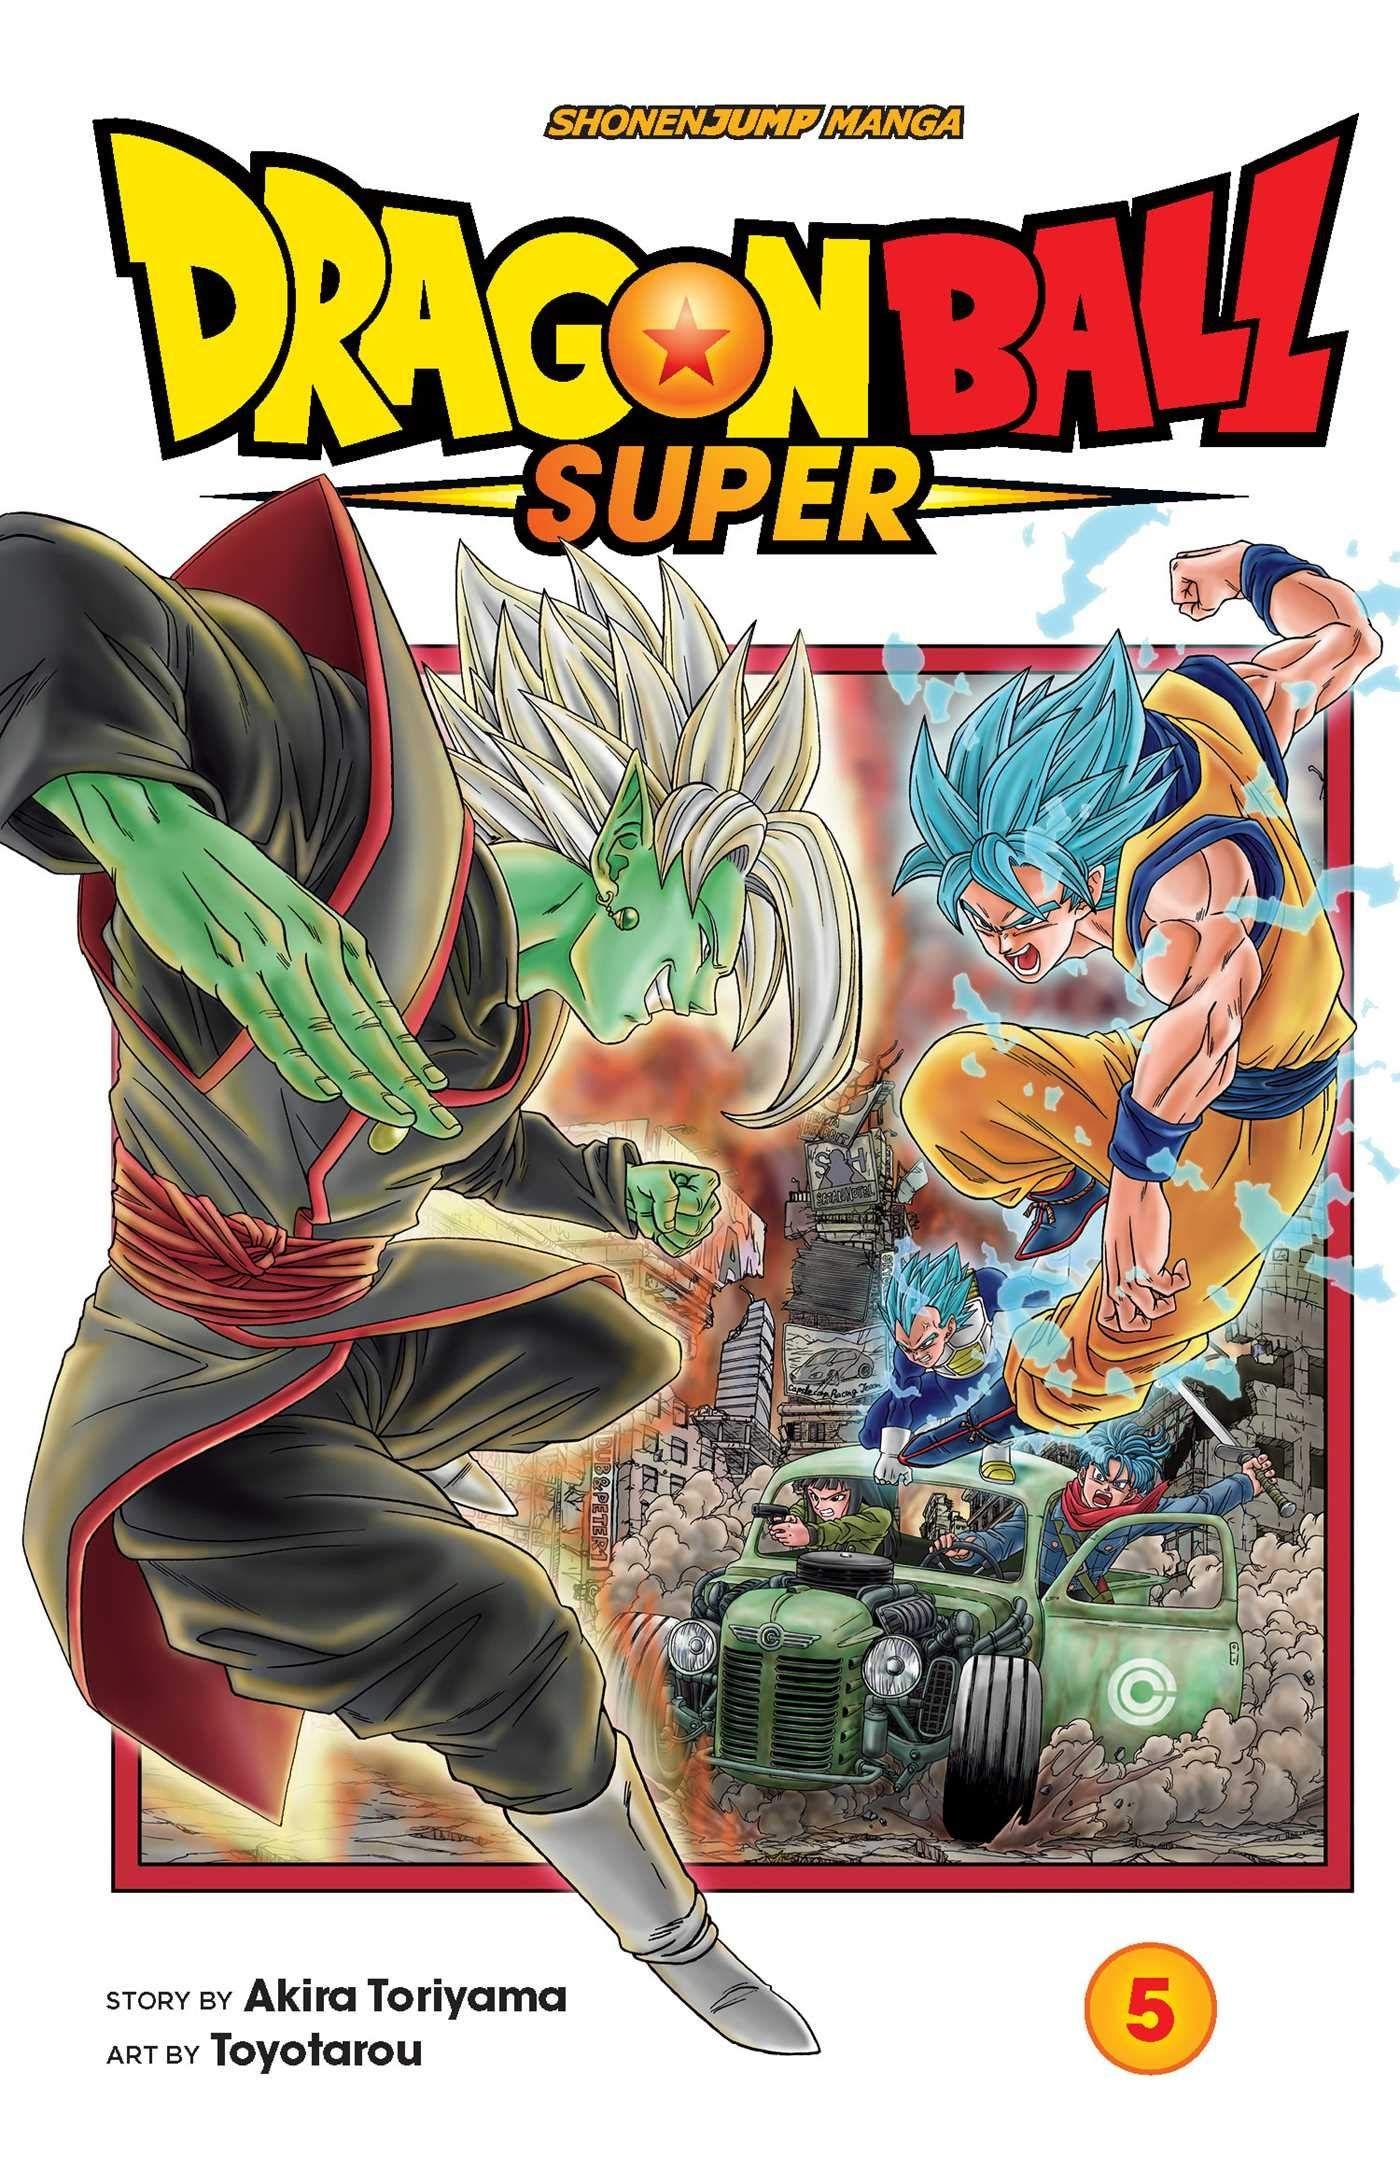 Dragon Ball Super Vol 5 Paperback May 7 2019 Super Ball